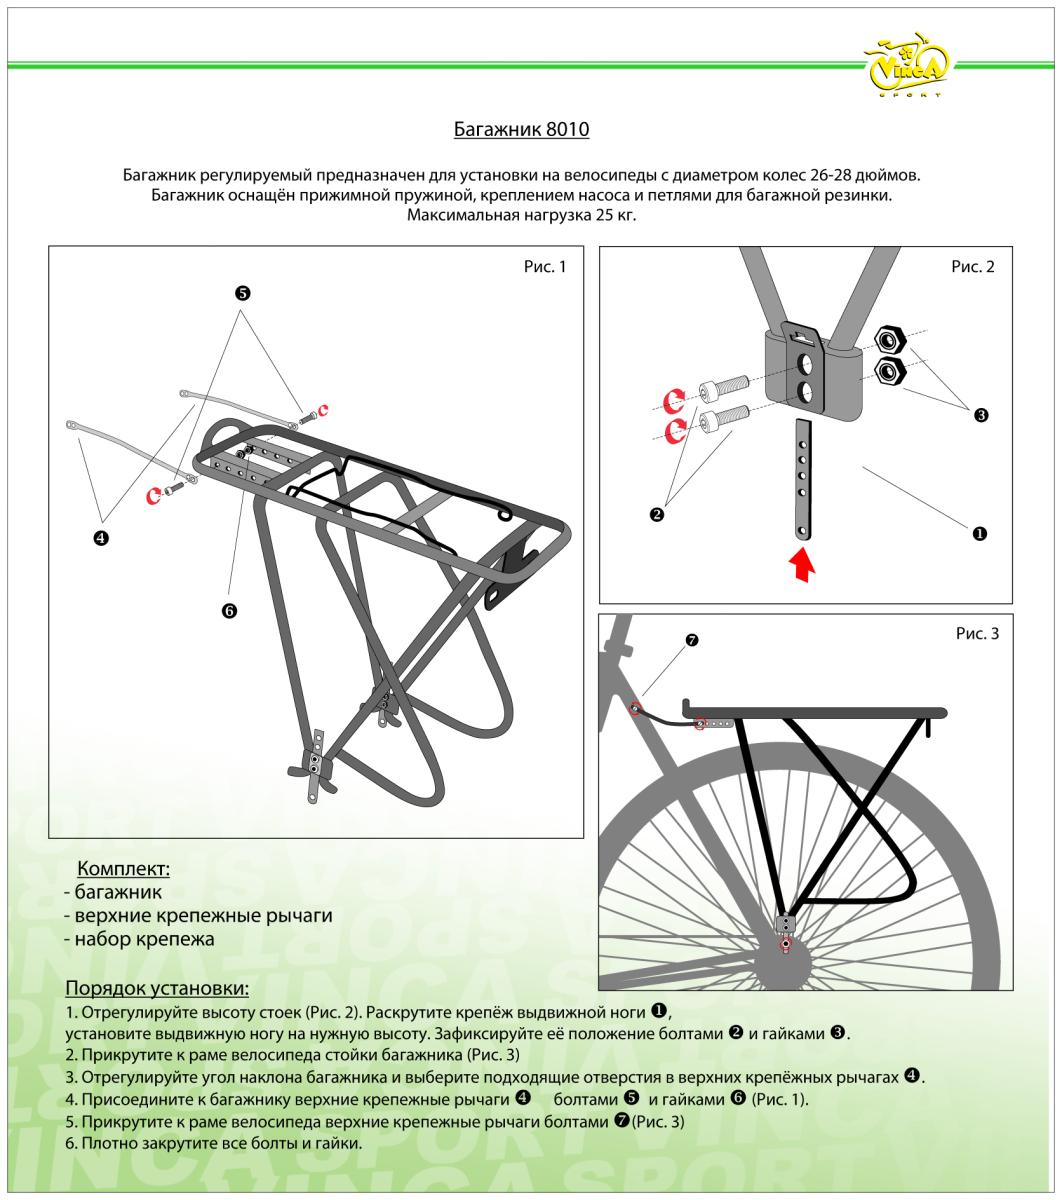 """Багажник велосипедный алюминиевый, серебристый, сварной, регулируемый, 26""""-29"""" YL-LA 8010R silver"""